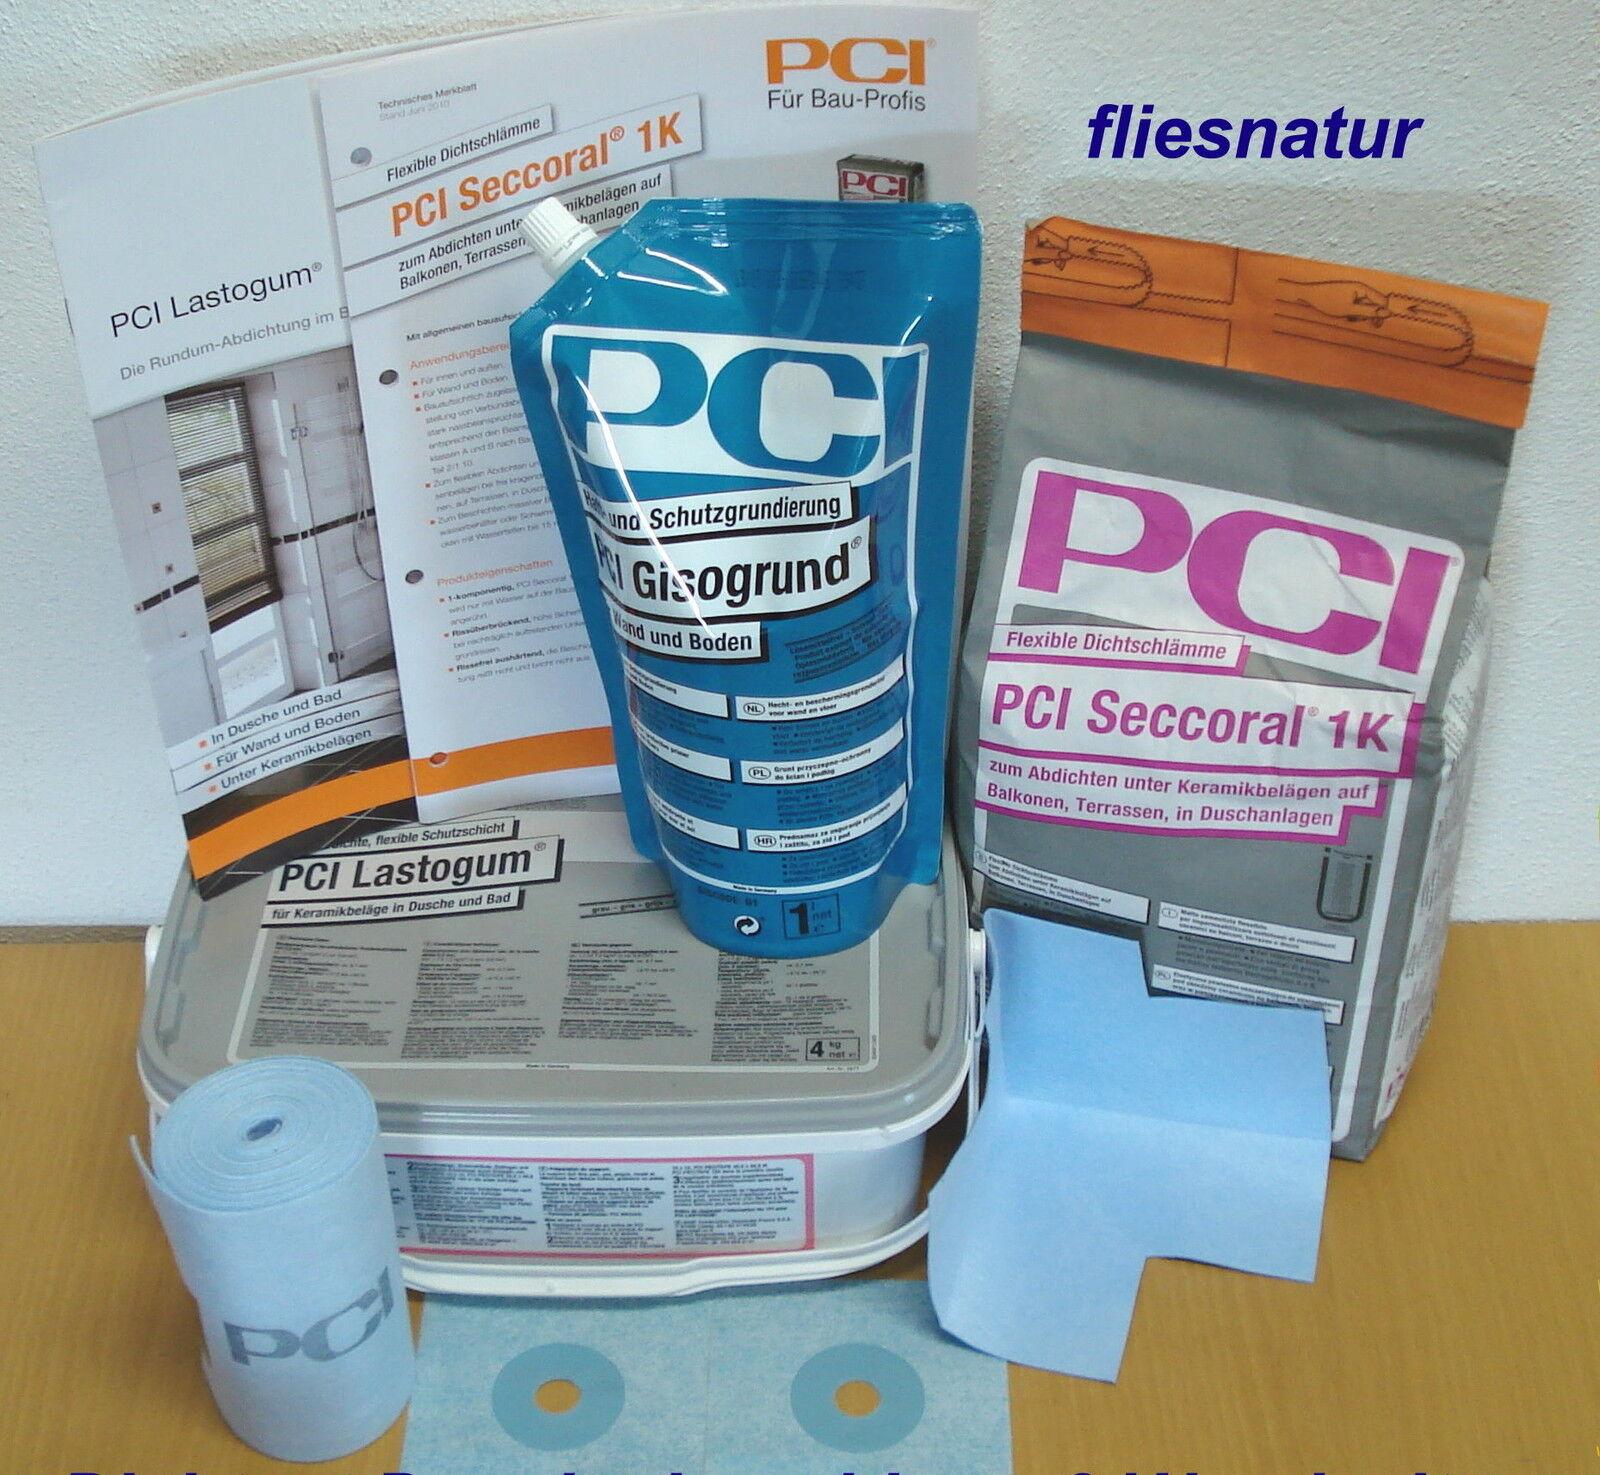 /Set PCI-Dichtset Lastogum,Seccoral für begehbare Dusche-2 Wände,Fliesen